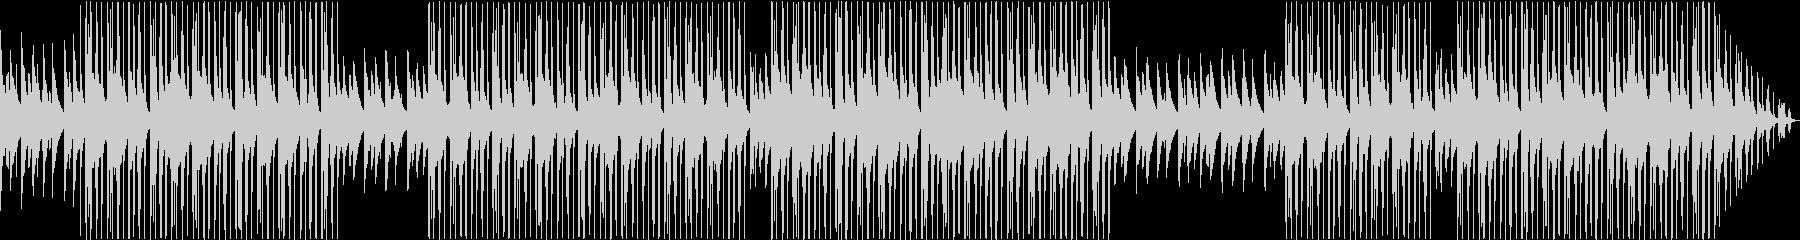 洋楽・海外・ヒップホップ・ピアノ・ベースの未再生の波形